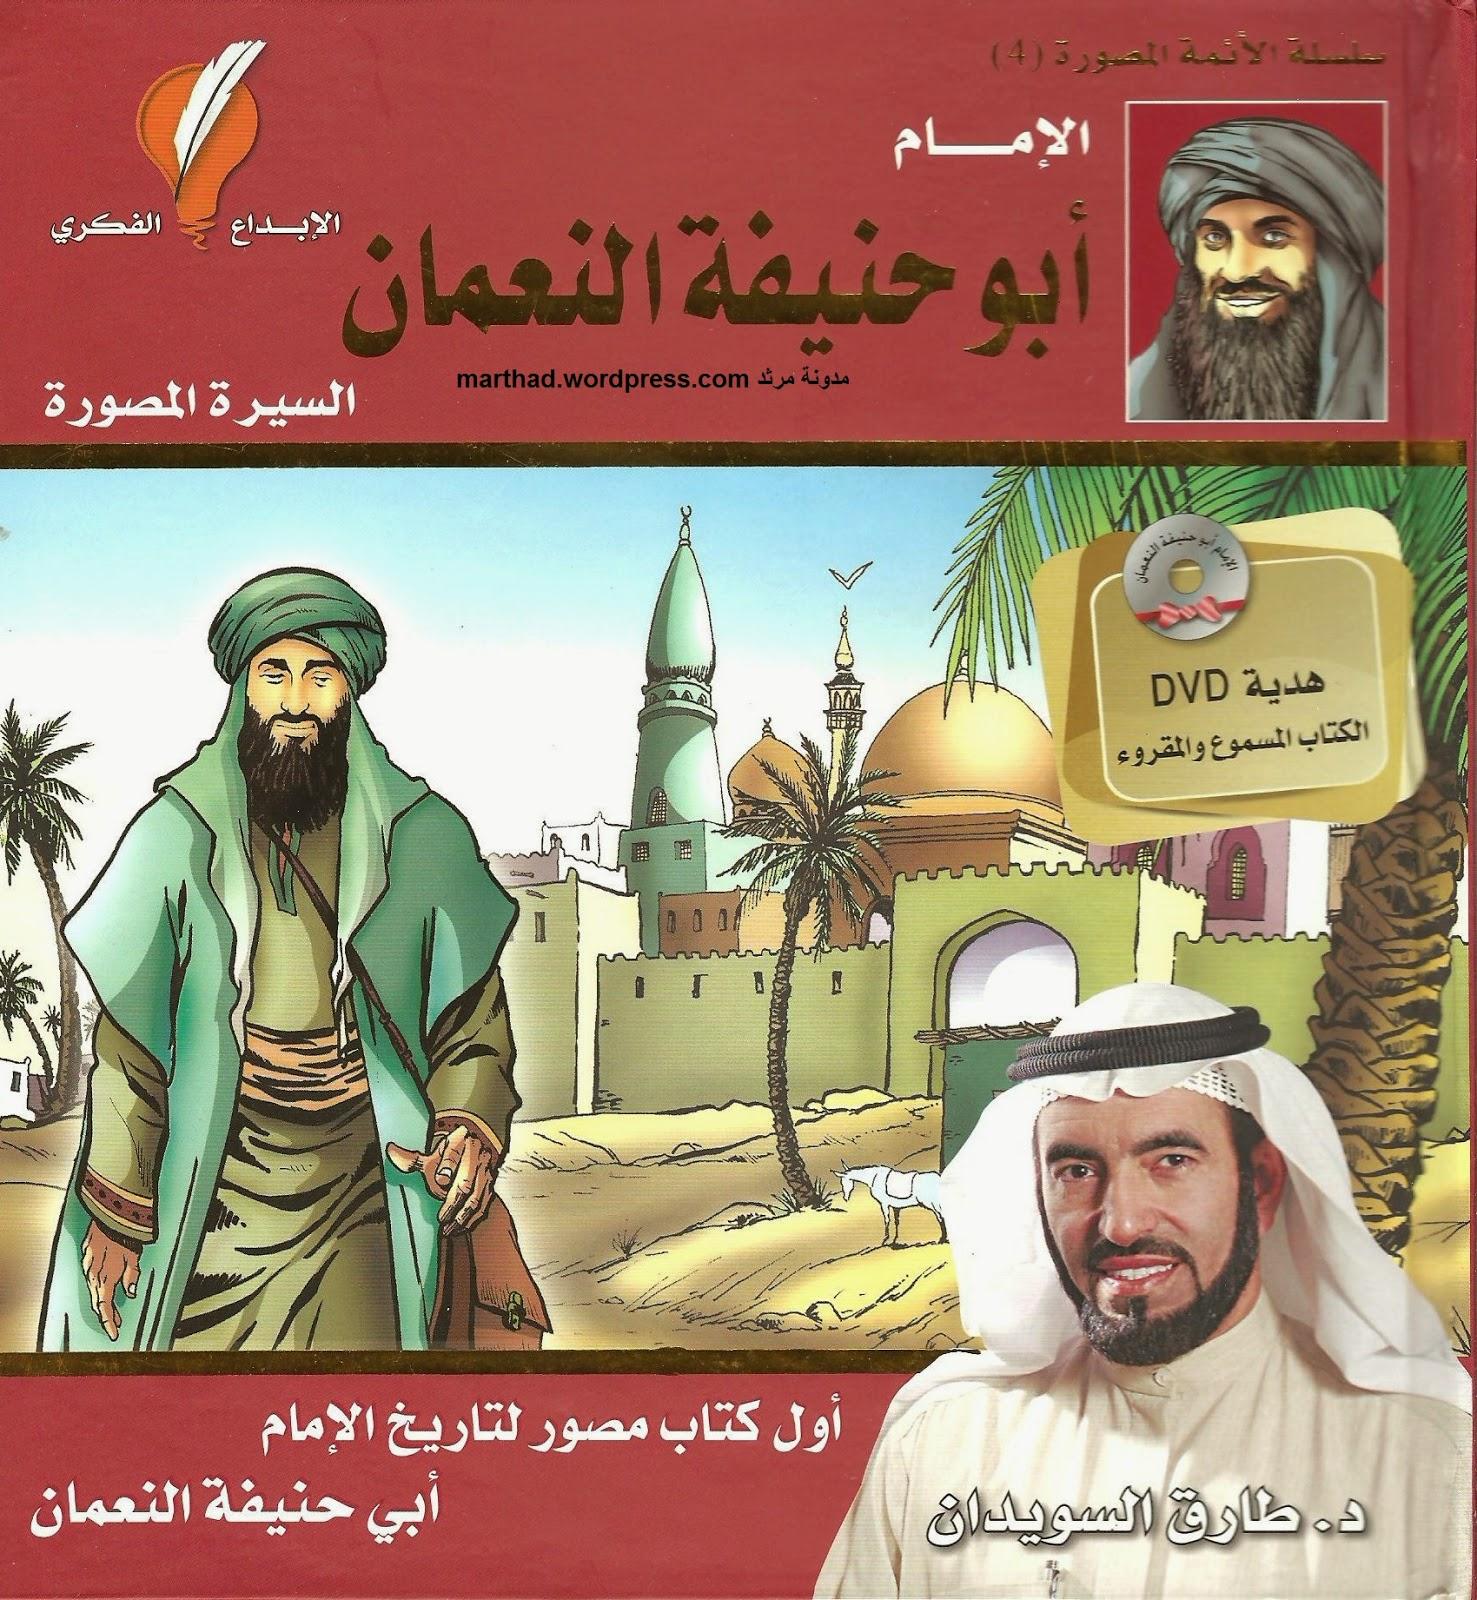 الإمام أبو حنيفة النعمان السيرة المصورة - طارق السويدان